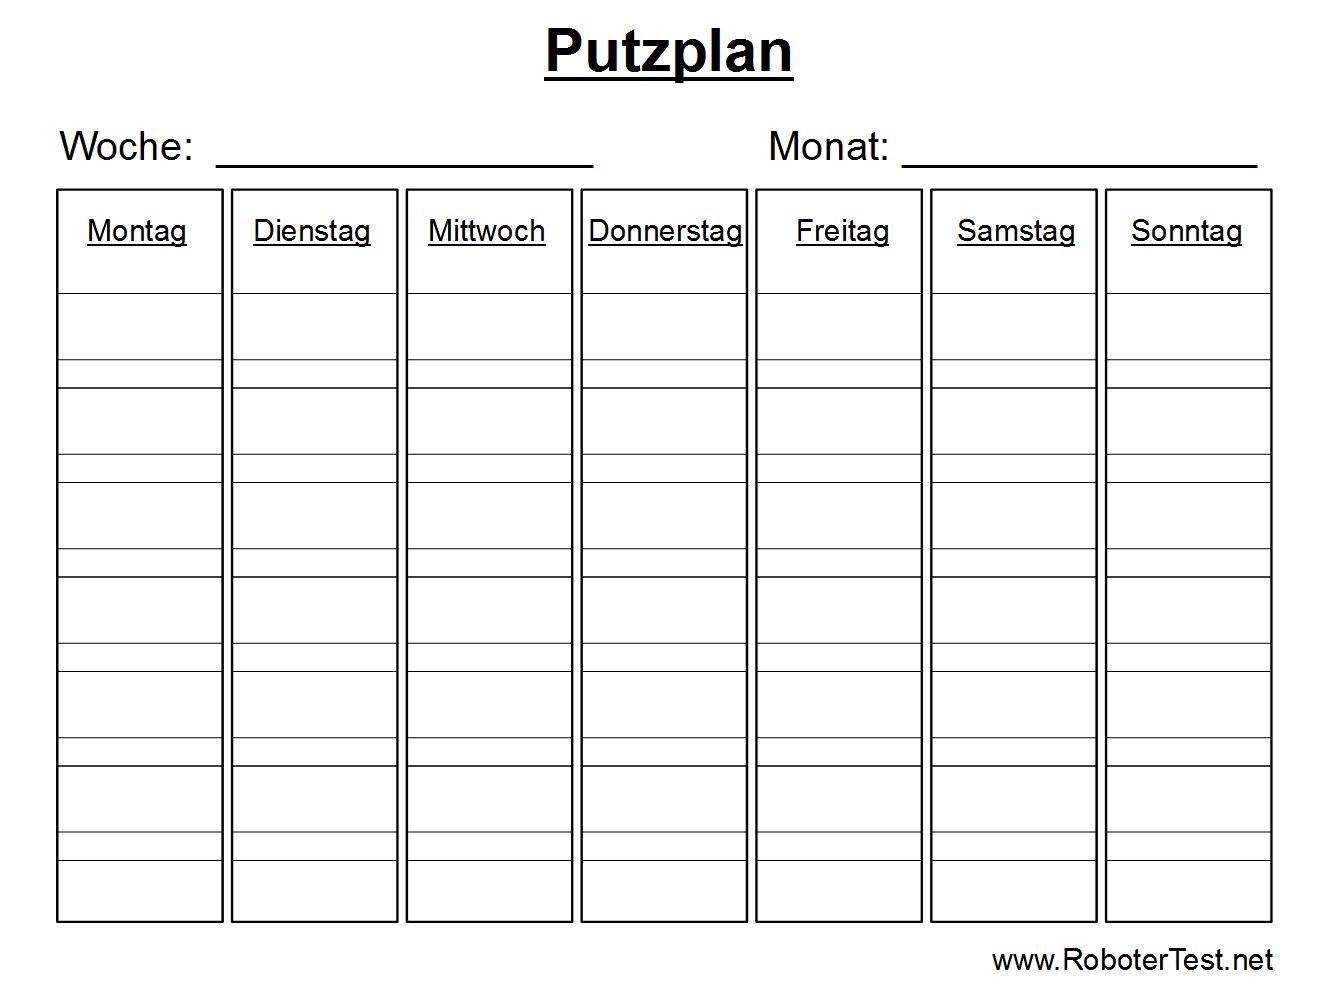 Putzplan Vorlage zum Ausdrucken   Robotertest.net